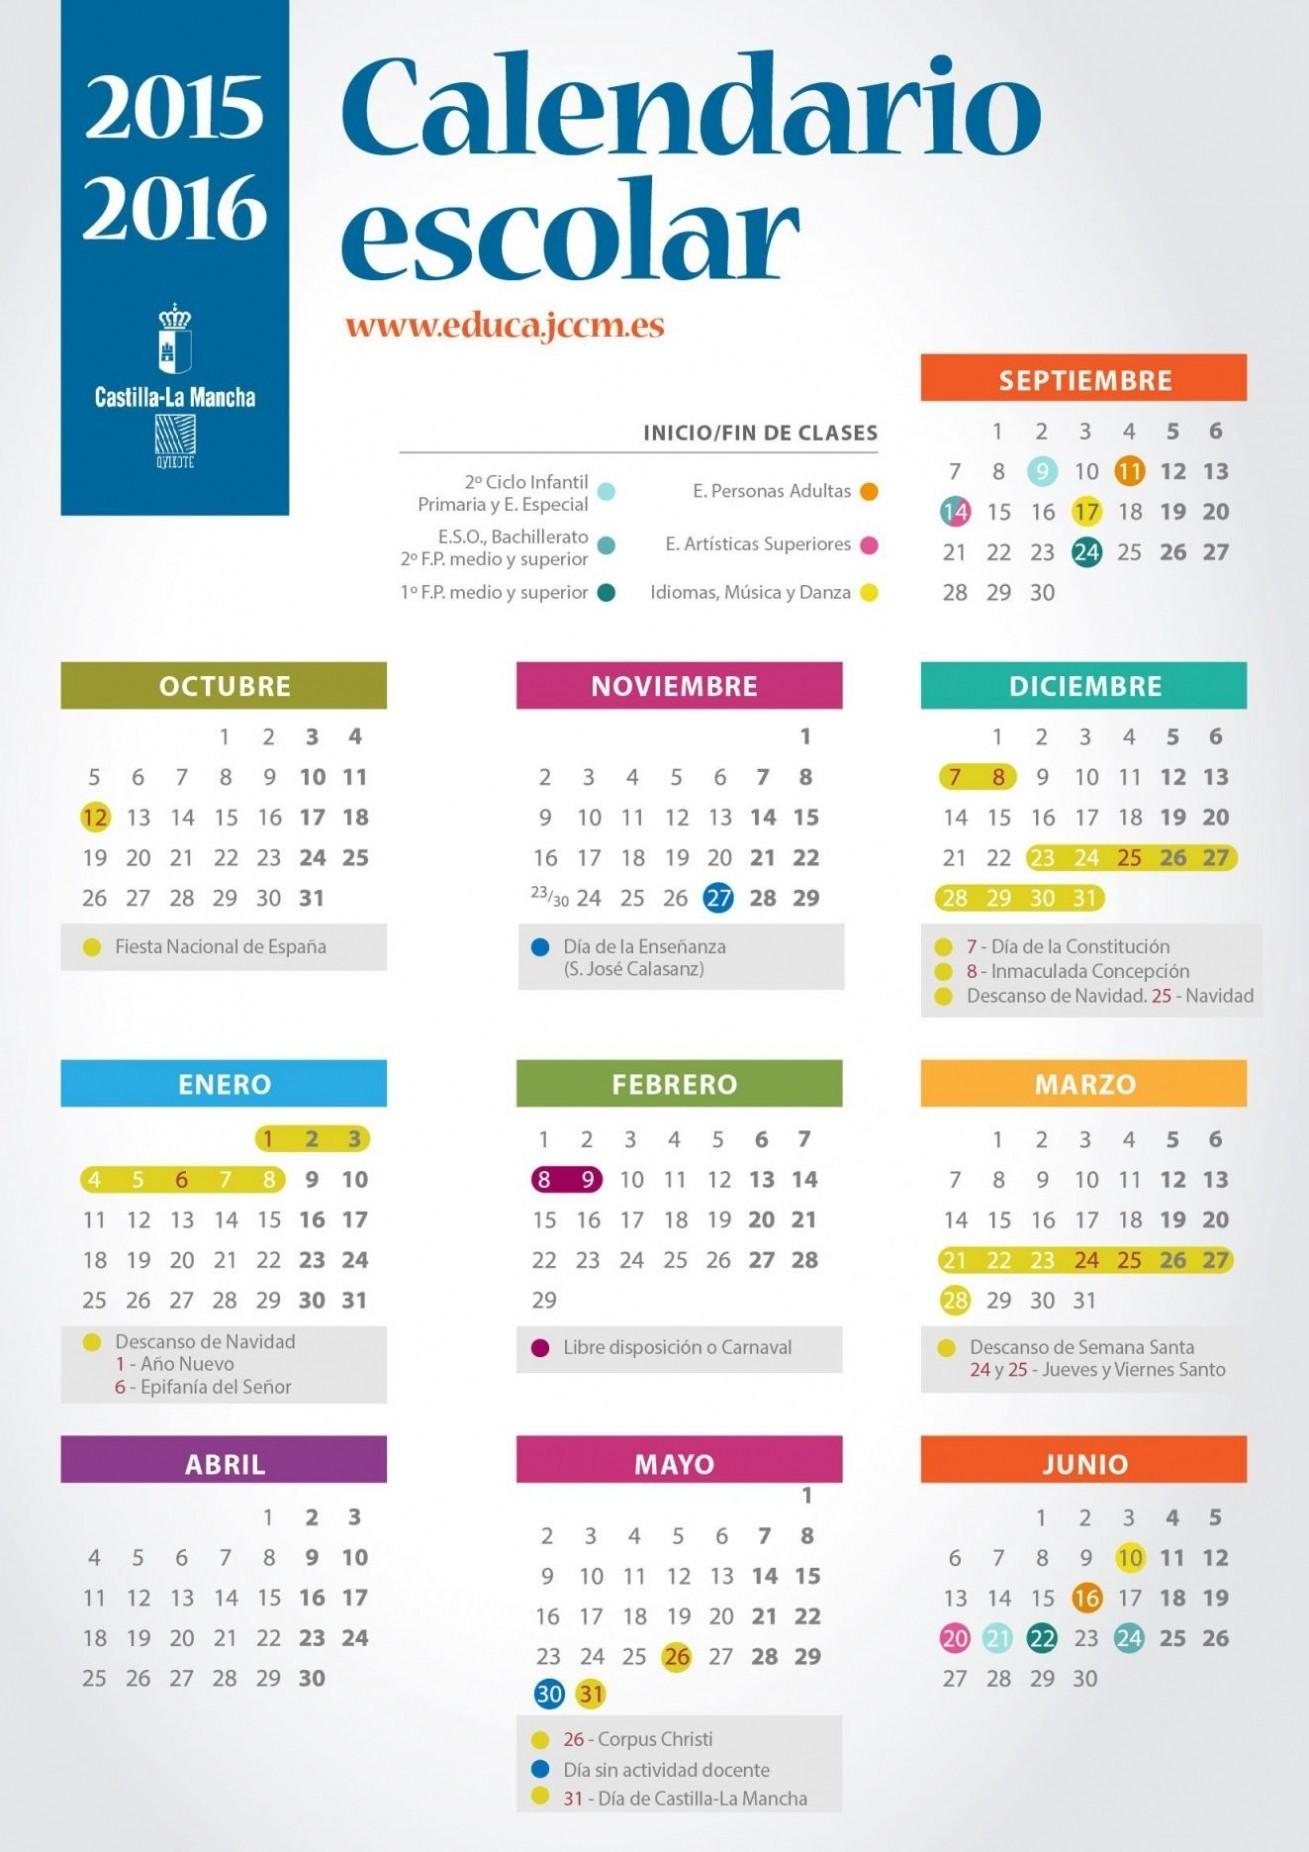 calendario 2019 colombia dias festivos mejores y mas novedosos greatest calendario colombia con festivos 2017 qc75 documentaries of calendario 2019 colombia dias festivos